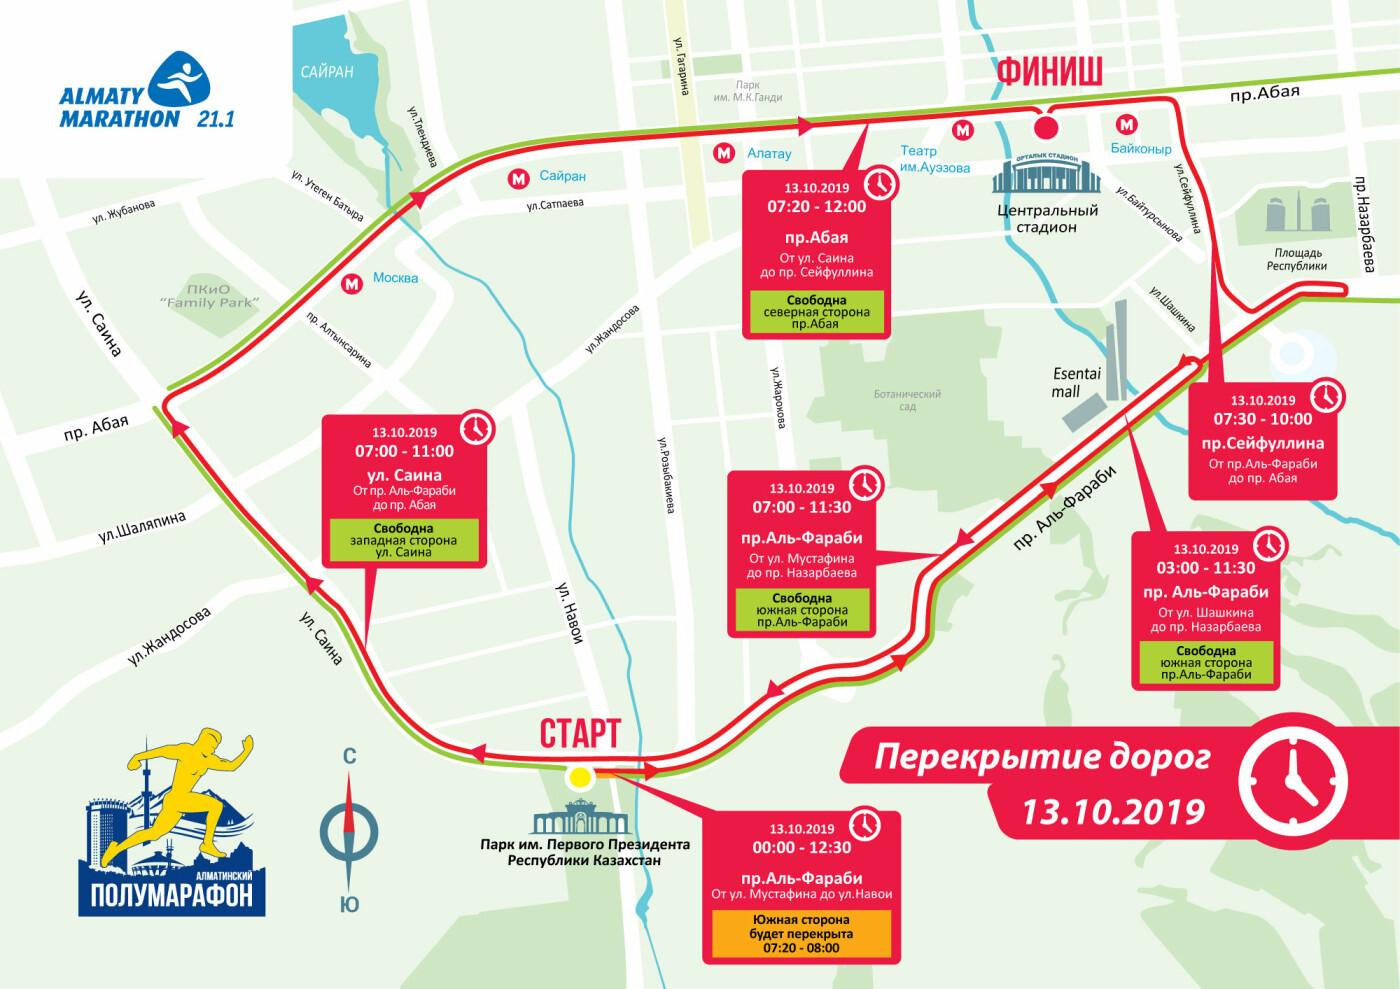 Дороги Алматы перекроют 13 октября из-за полумарафона, фото-1